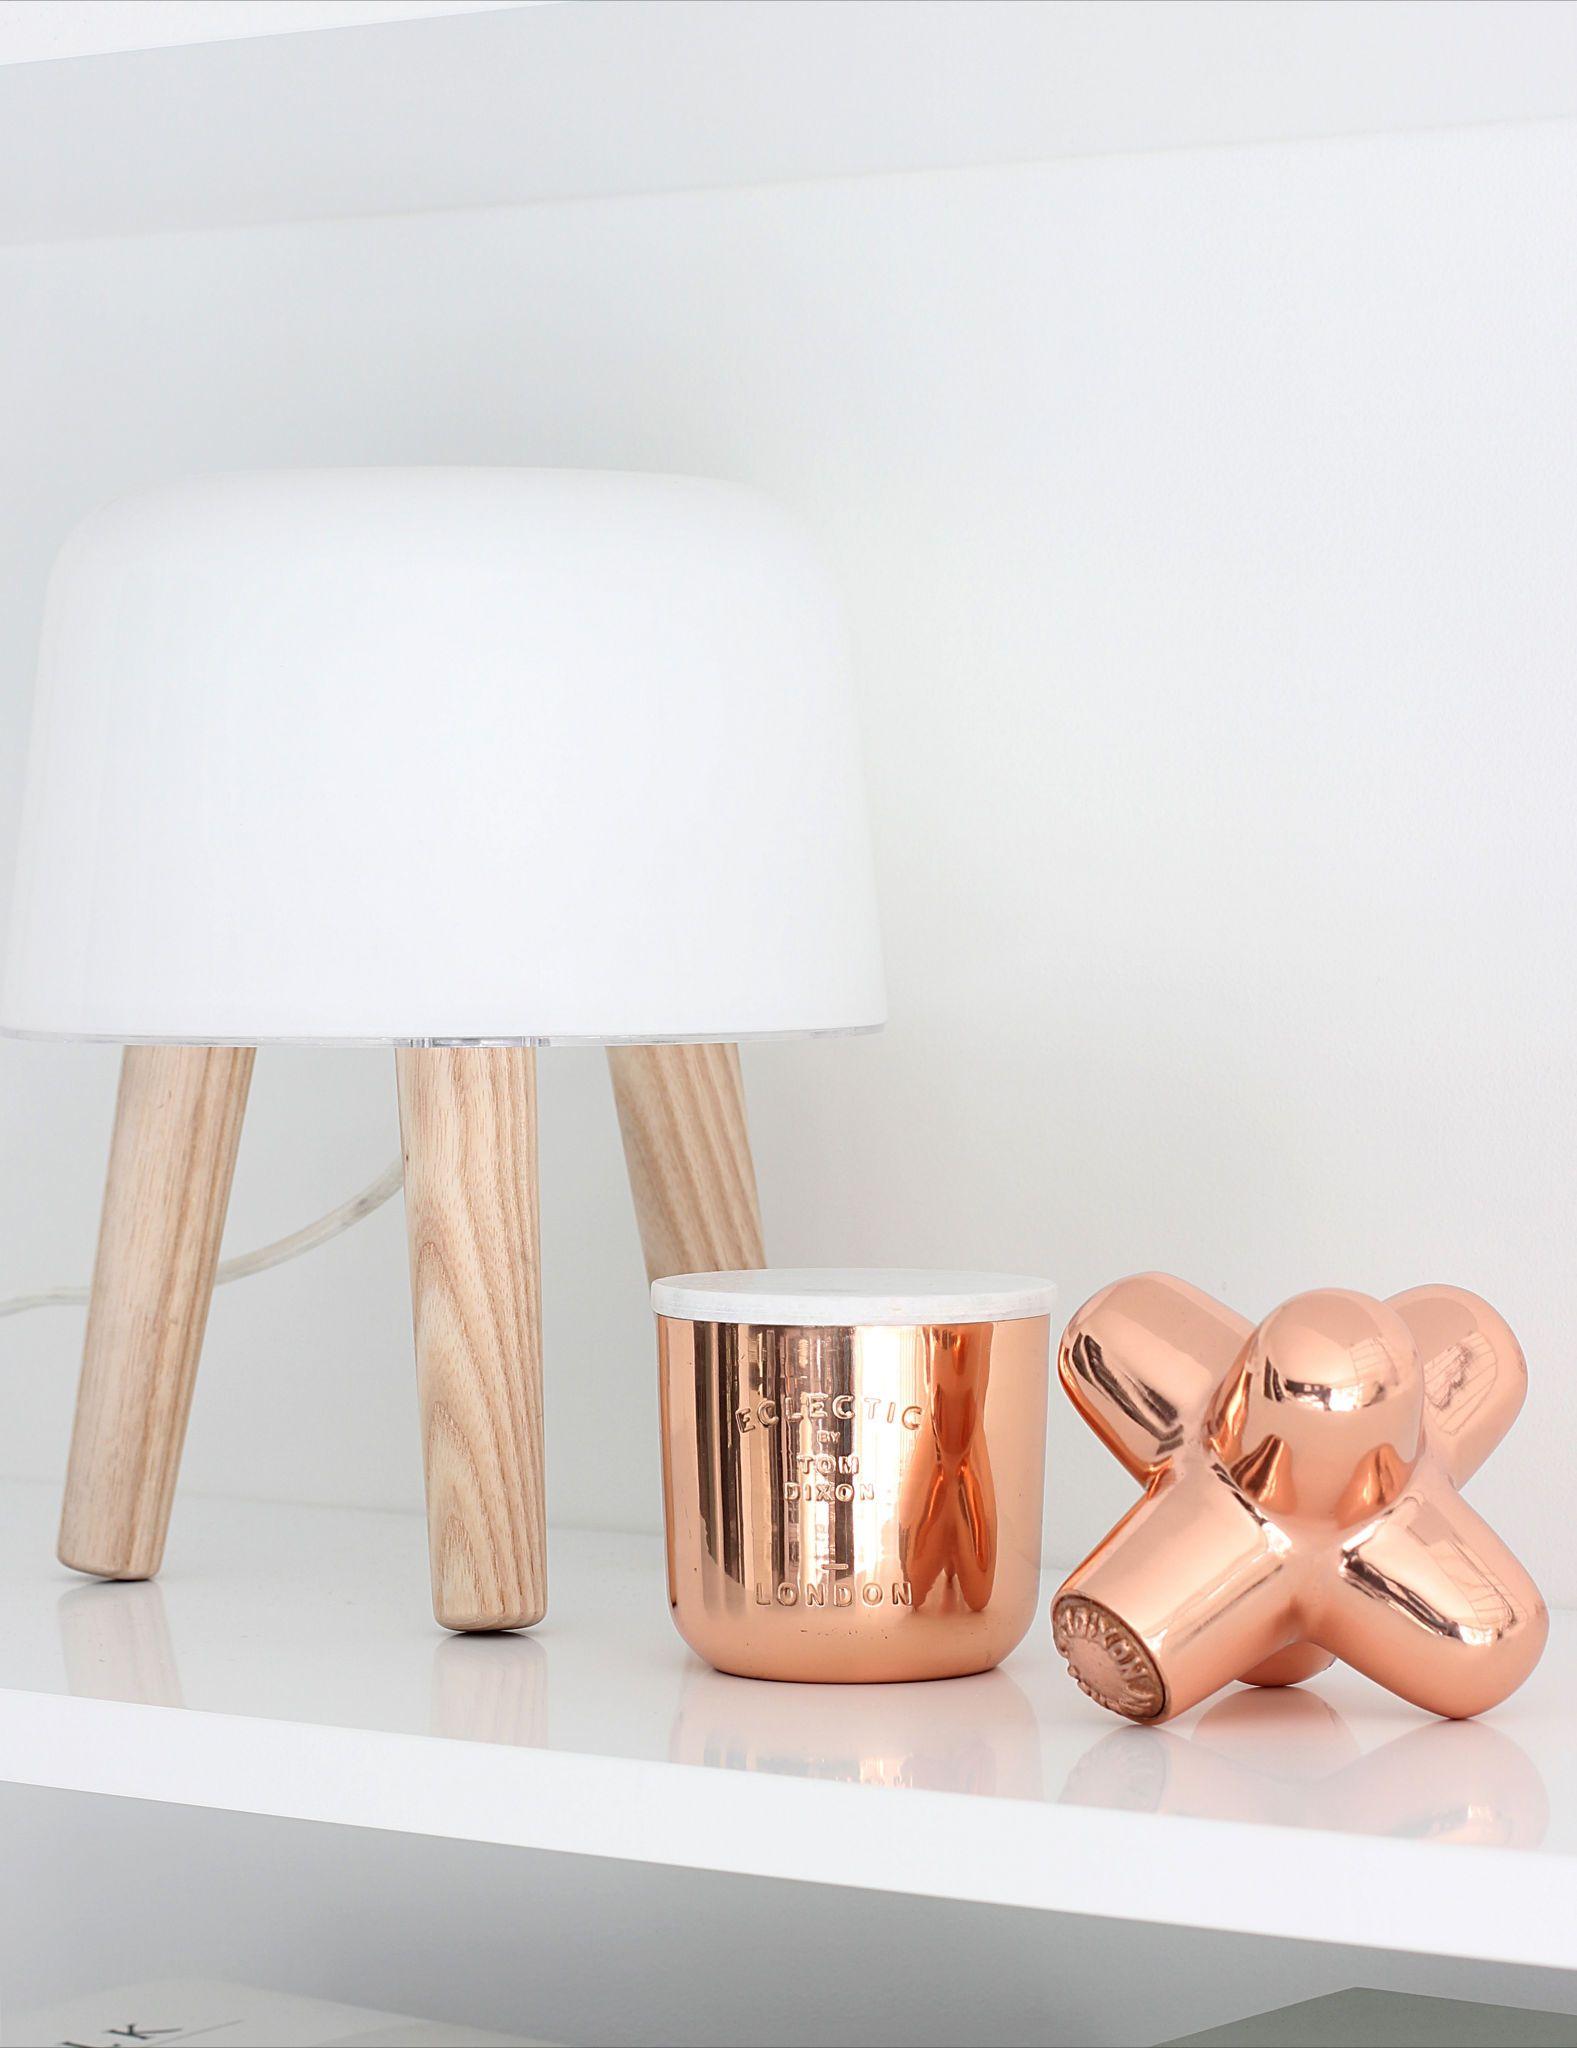 Via Nordic Leaves Copper And White Tom Dixon Cast Mini Jack And Candle Norm Milk Light Copper Interior Copper And Marble Copper Accessories